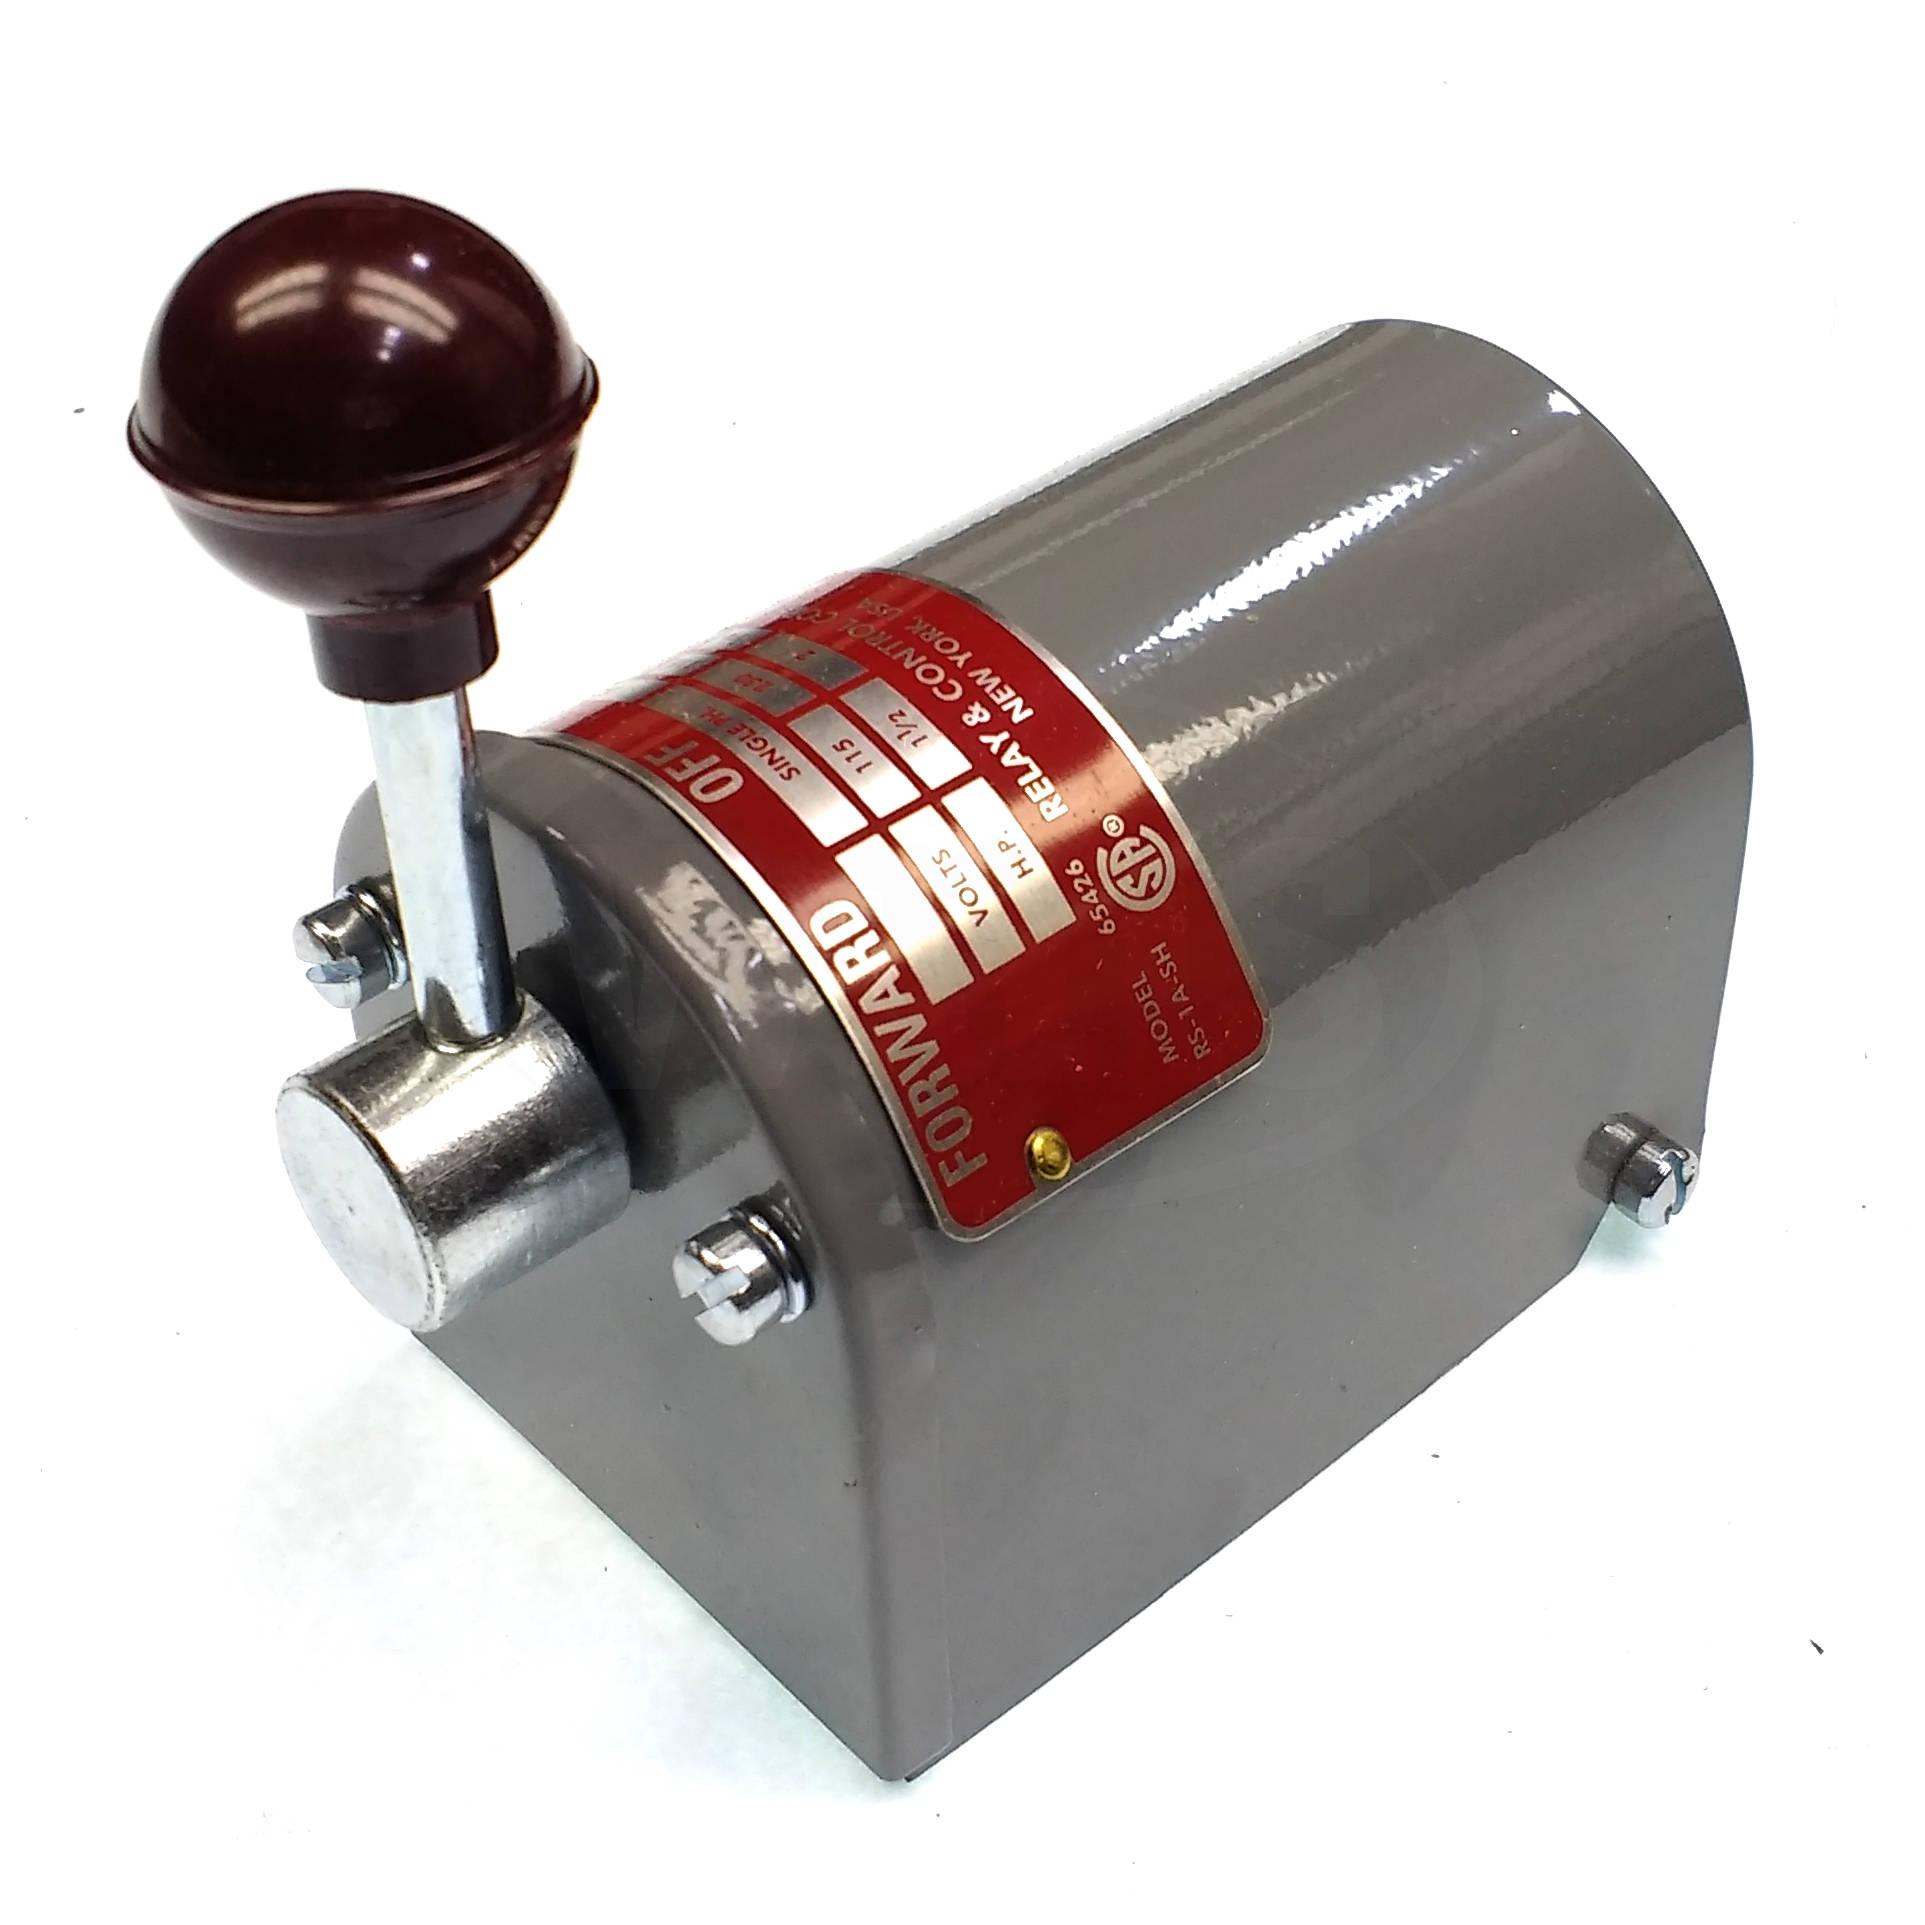 Electric Motor Capacitors Wiring Diagrams